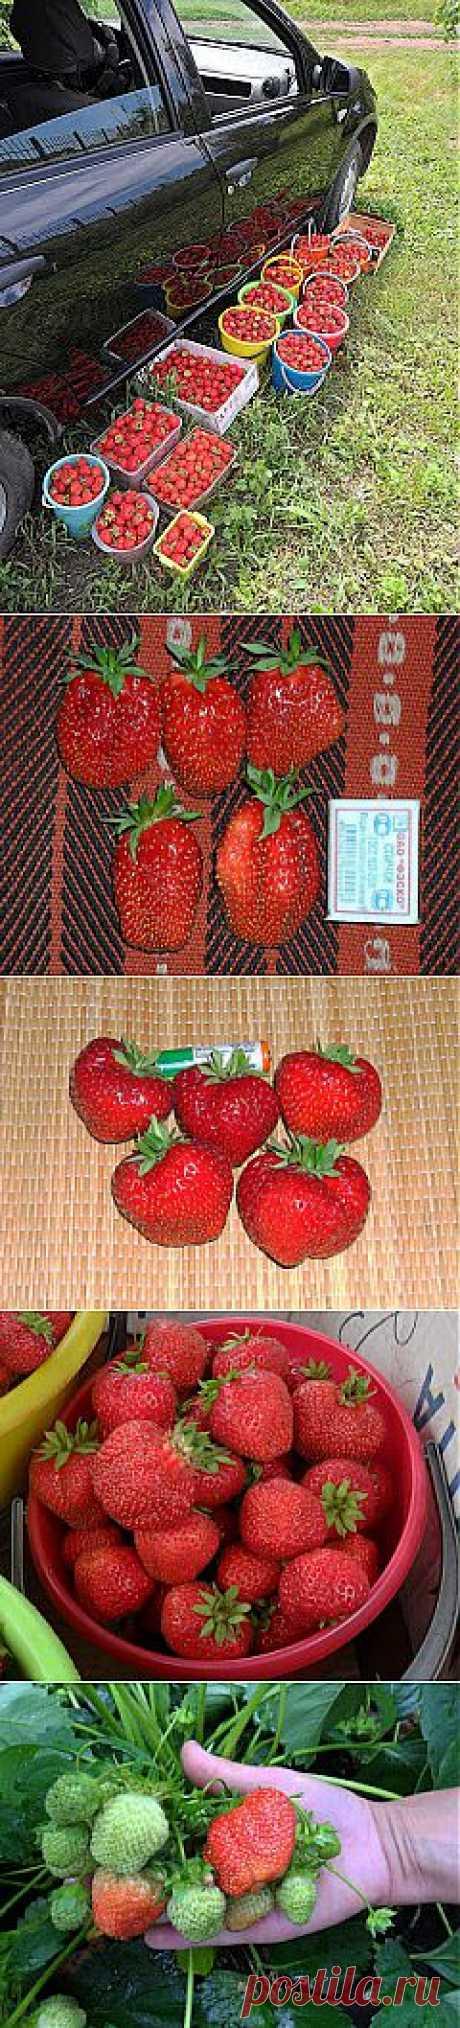 Клубника на моей даче, май - октябрь, фото  Клубника - моя любимая ягода. Несмотря на суровые сибирские климатические условия, при хорошем уходе она стабильно дает неплохие урожаи.